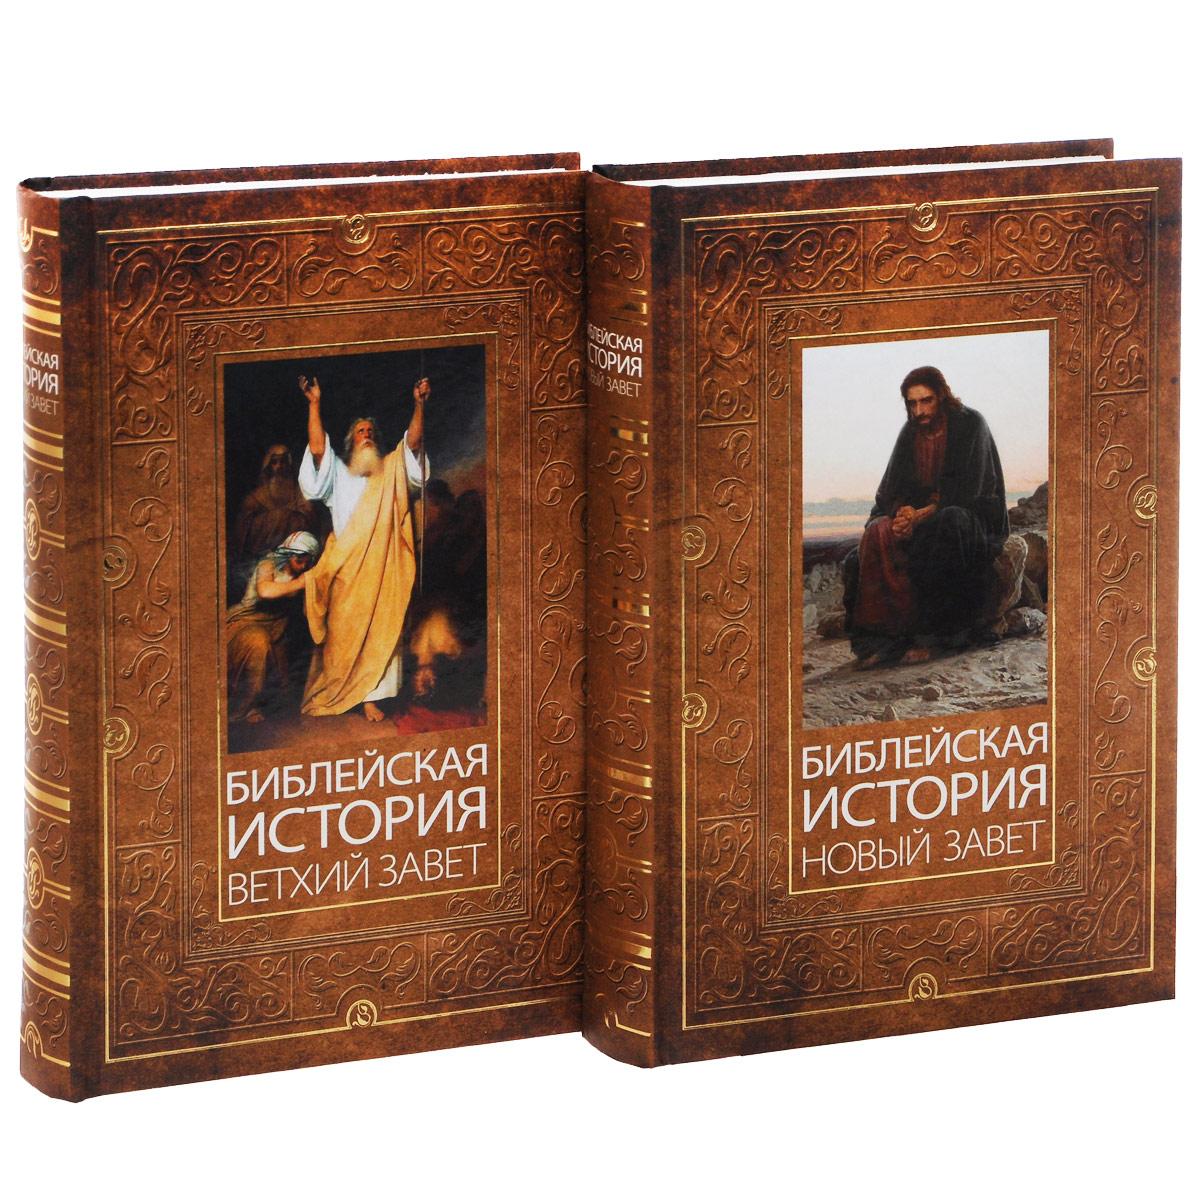 Библейская история. Ветхий Завет. Новый Завет (комплект из 2 книг), А. П. Лопухин